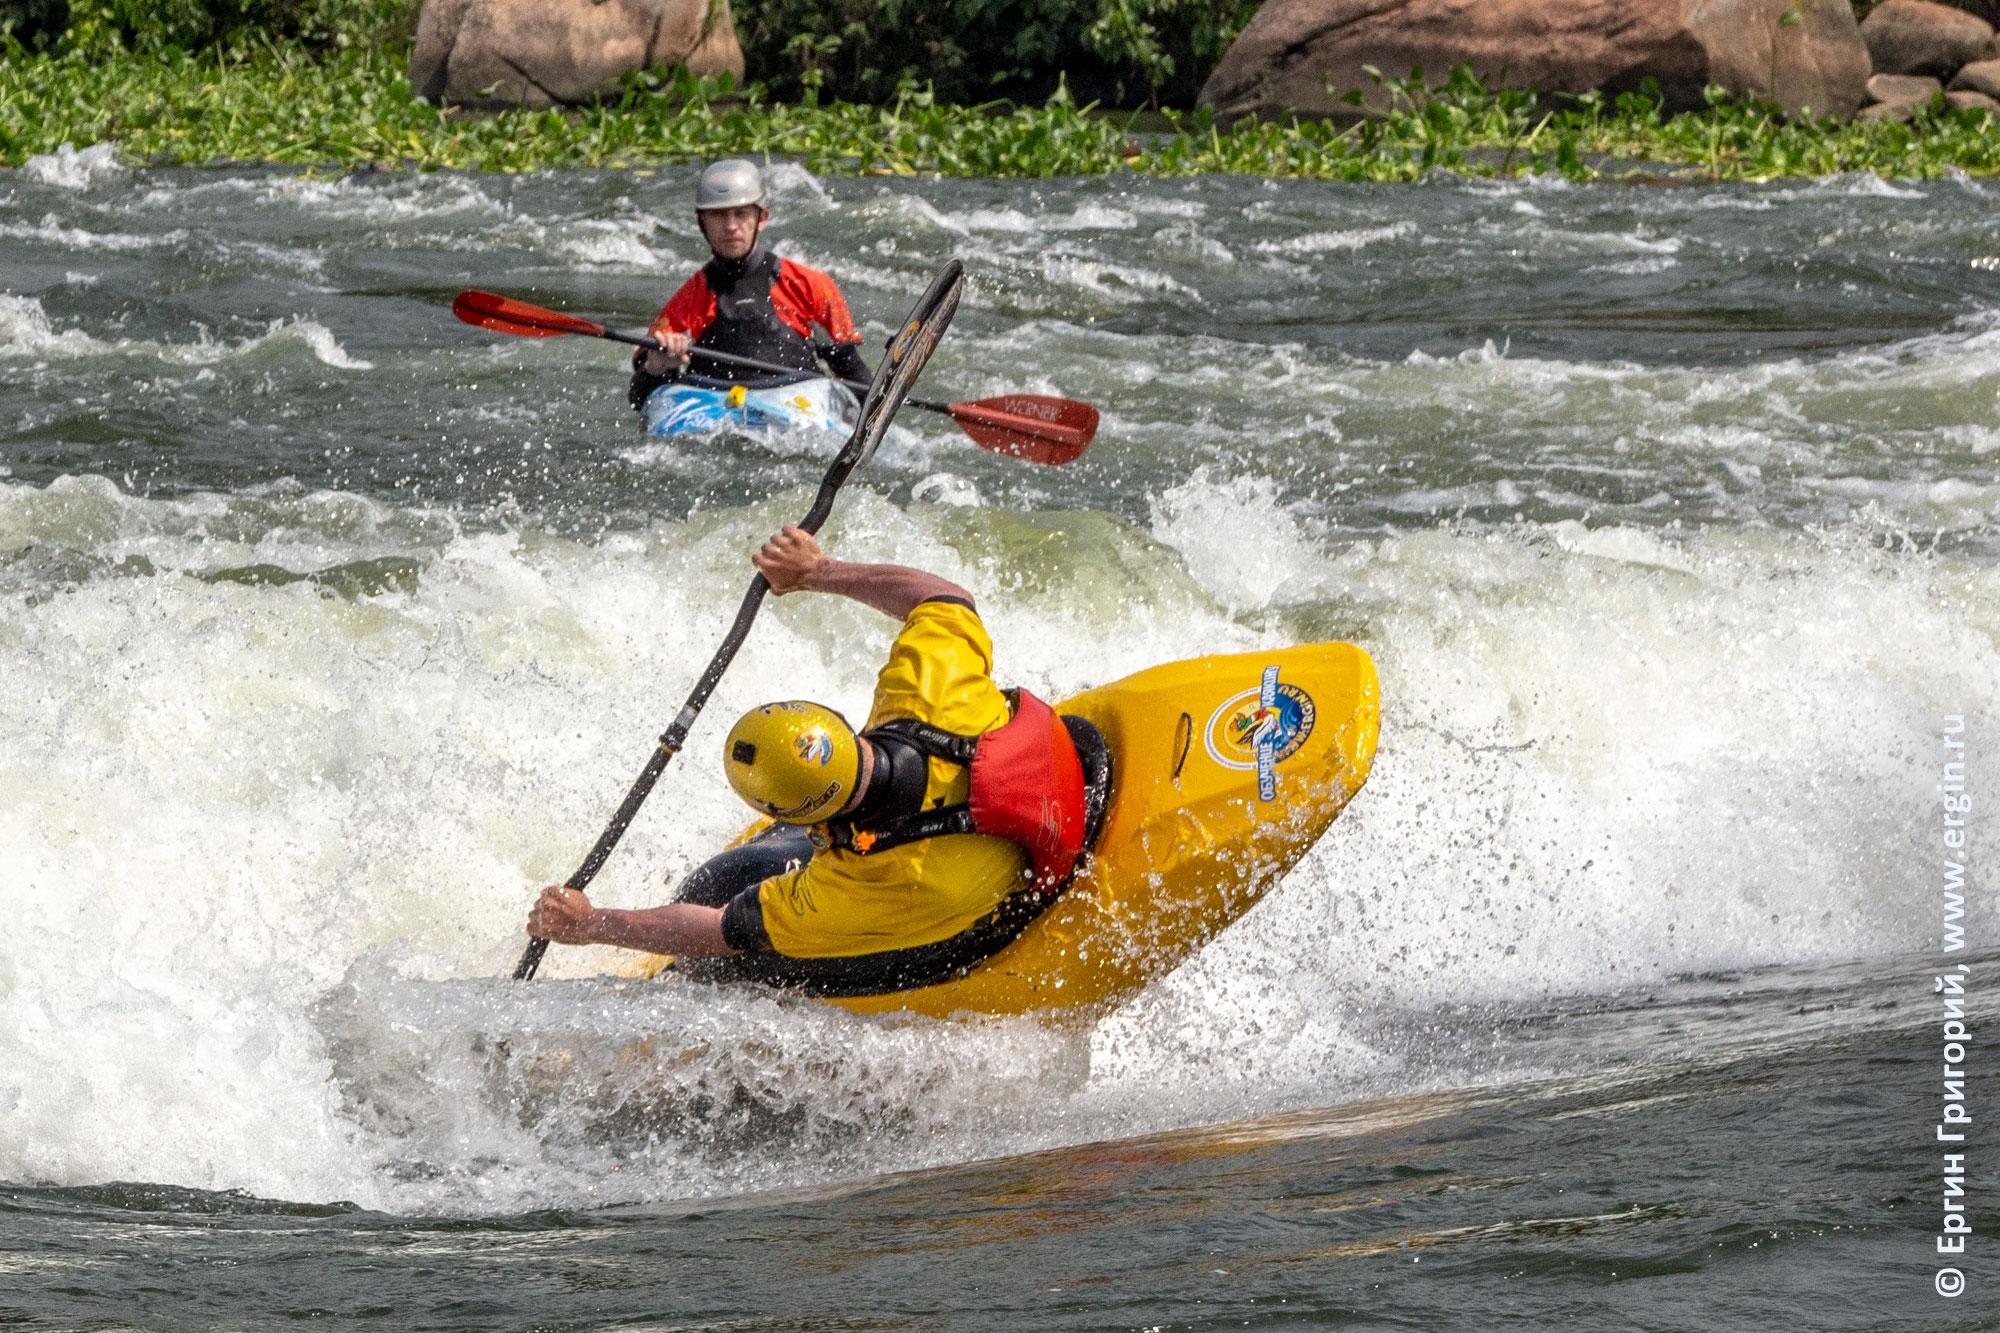 Каякинг в Уганде вальные элементы фристайла на бурной воде